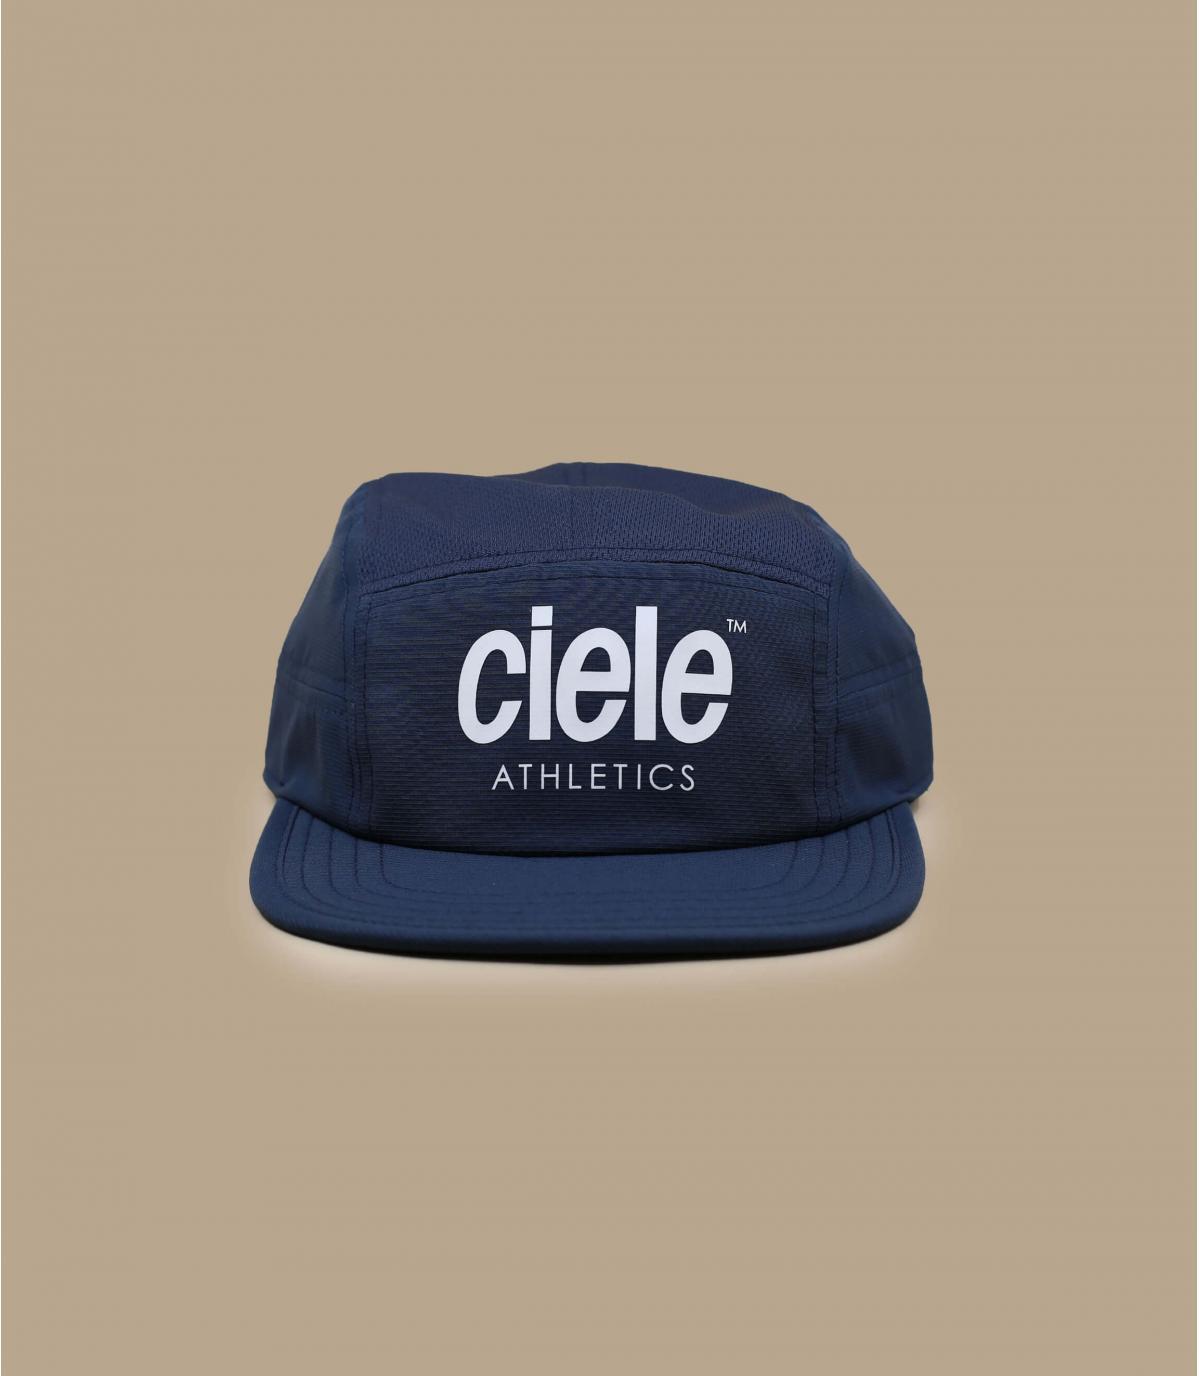 casquette running Ciele bleu